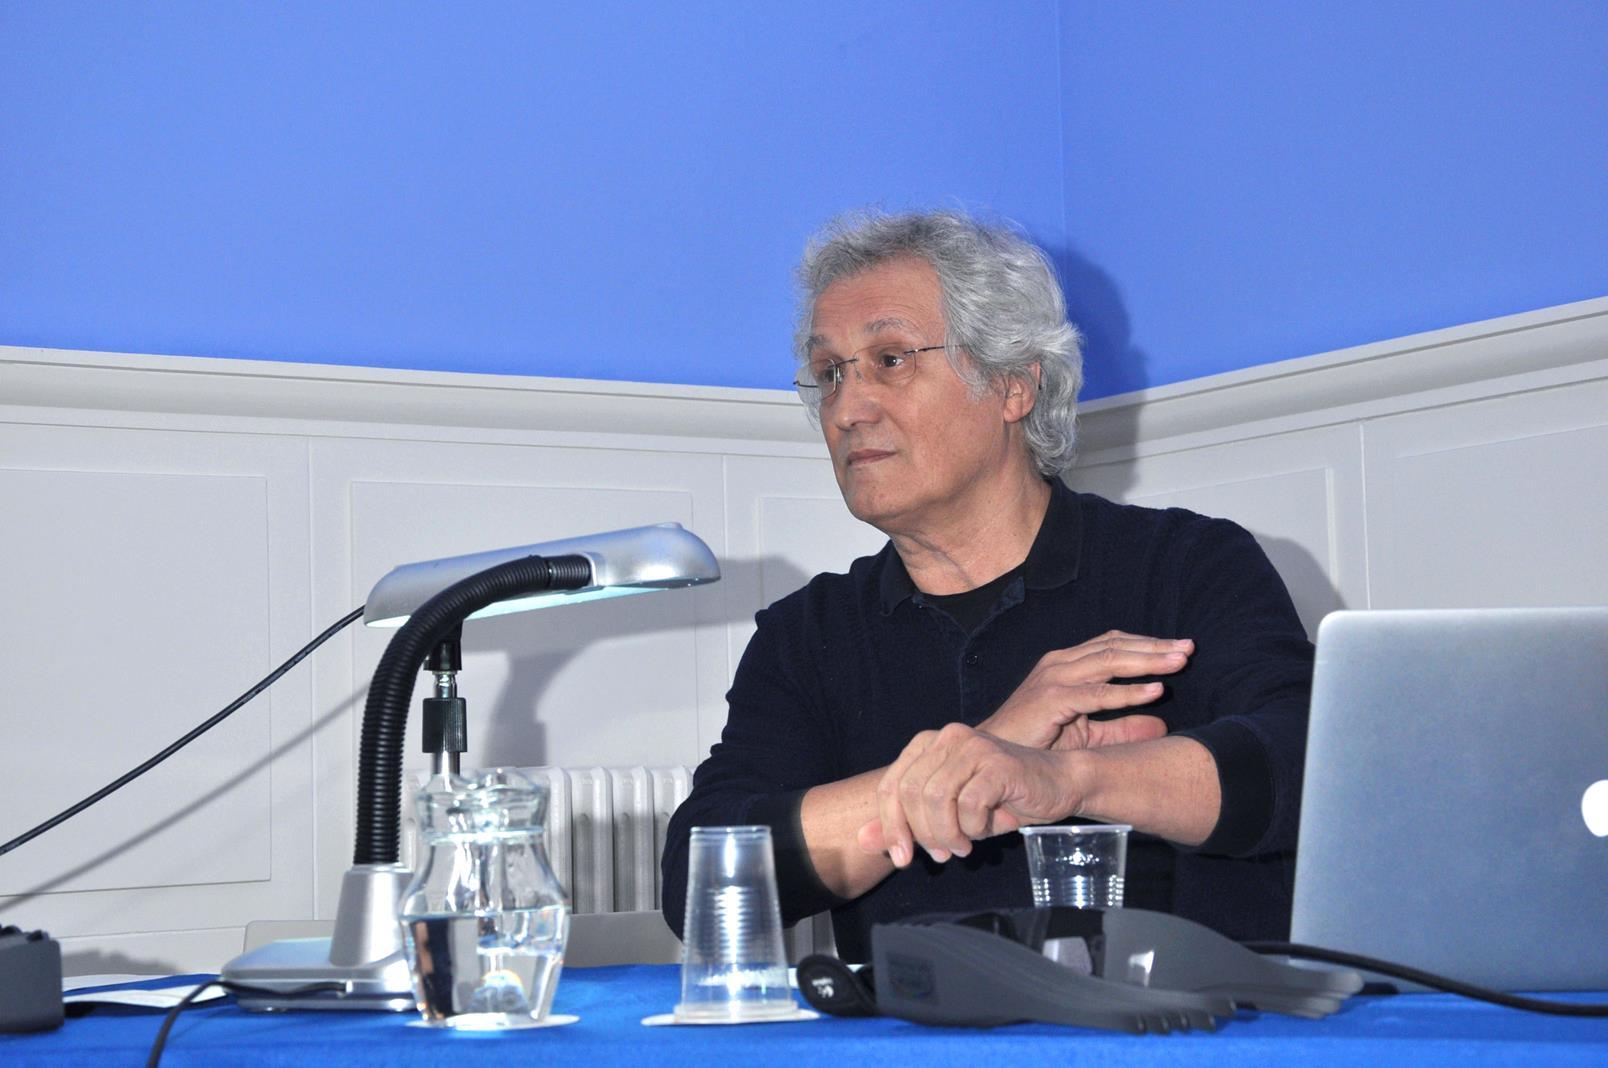 Carlos Velilla Lon. Artista y profesor UB, Barcelona. 24/10/19